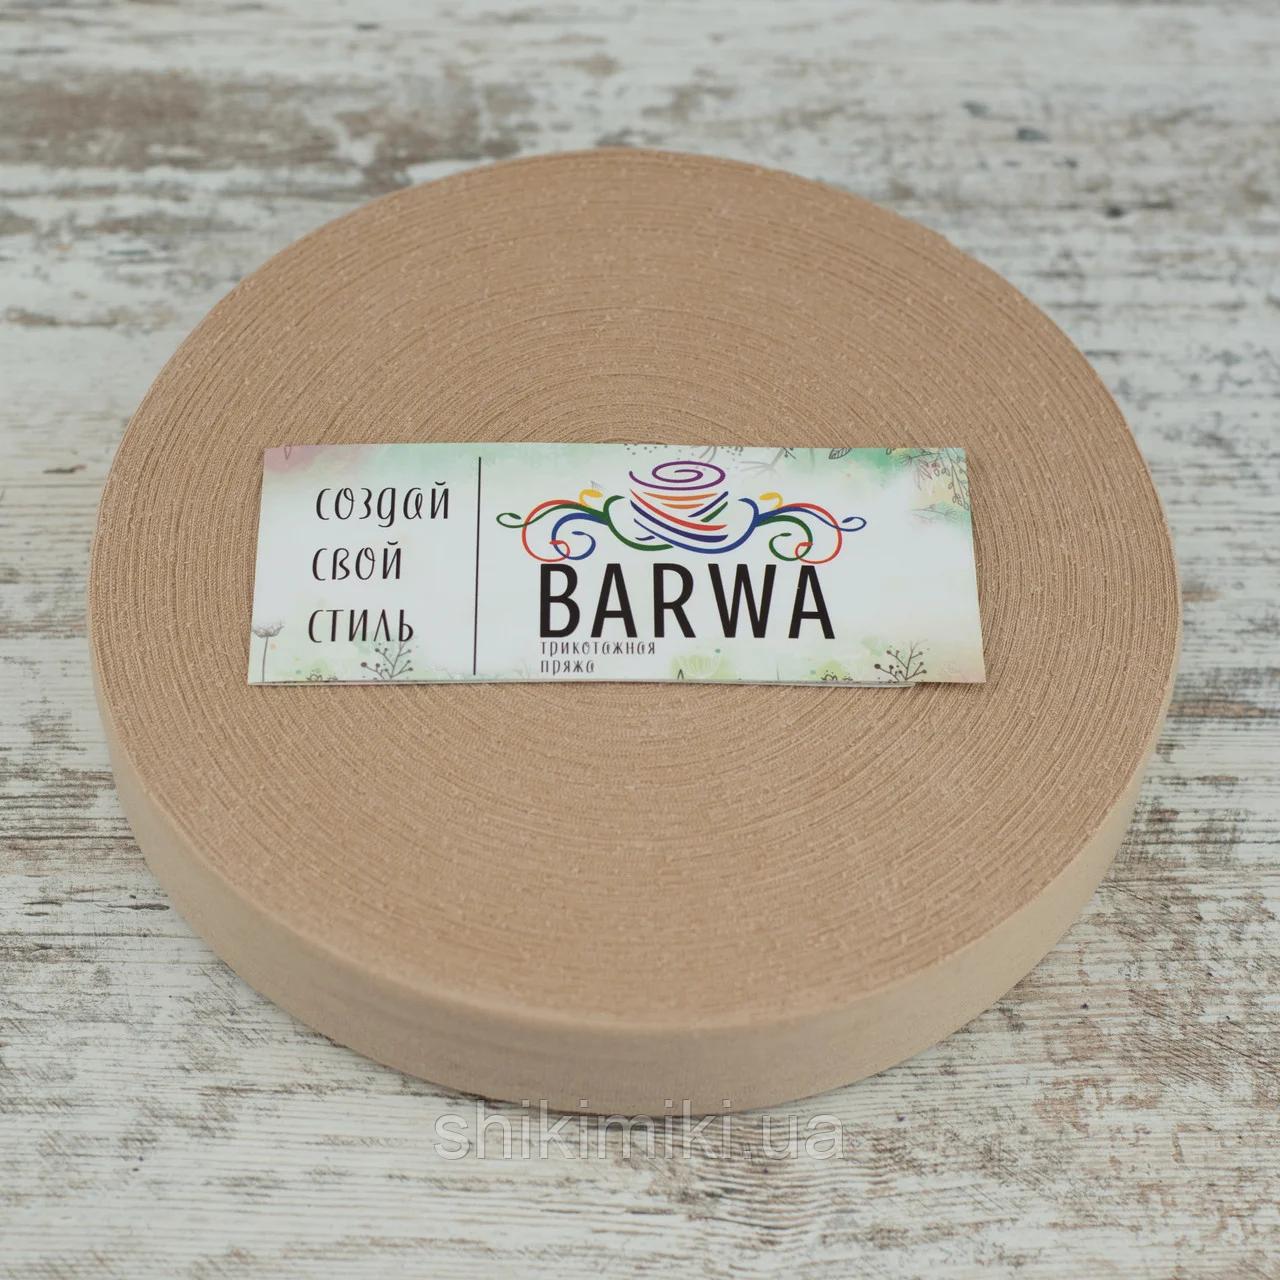 Трикотажная пряжа Barwa в роликах, цвет Имбирь